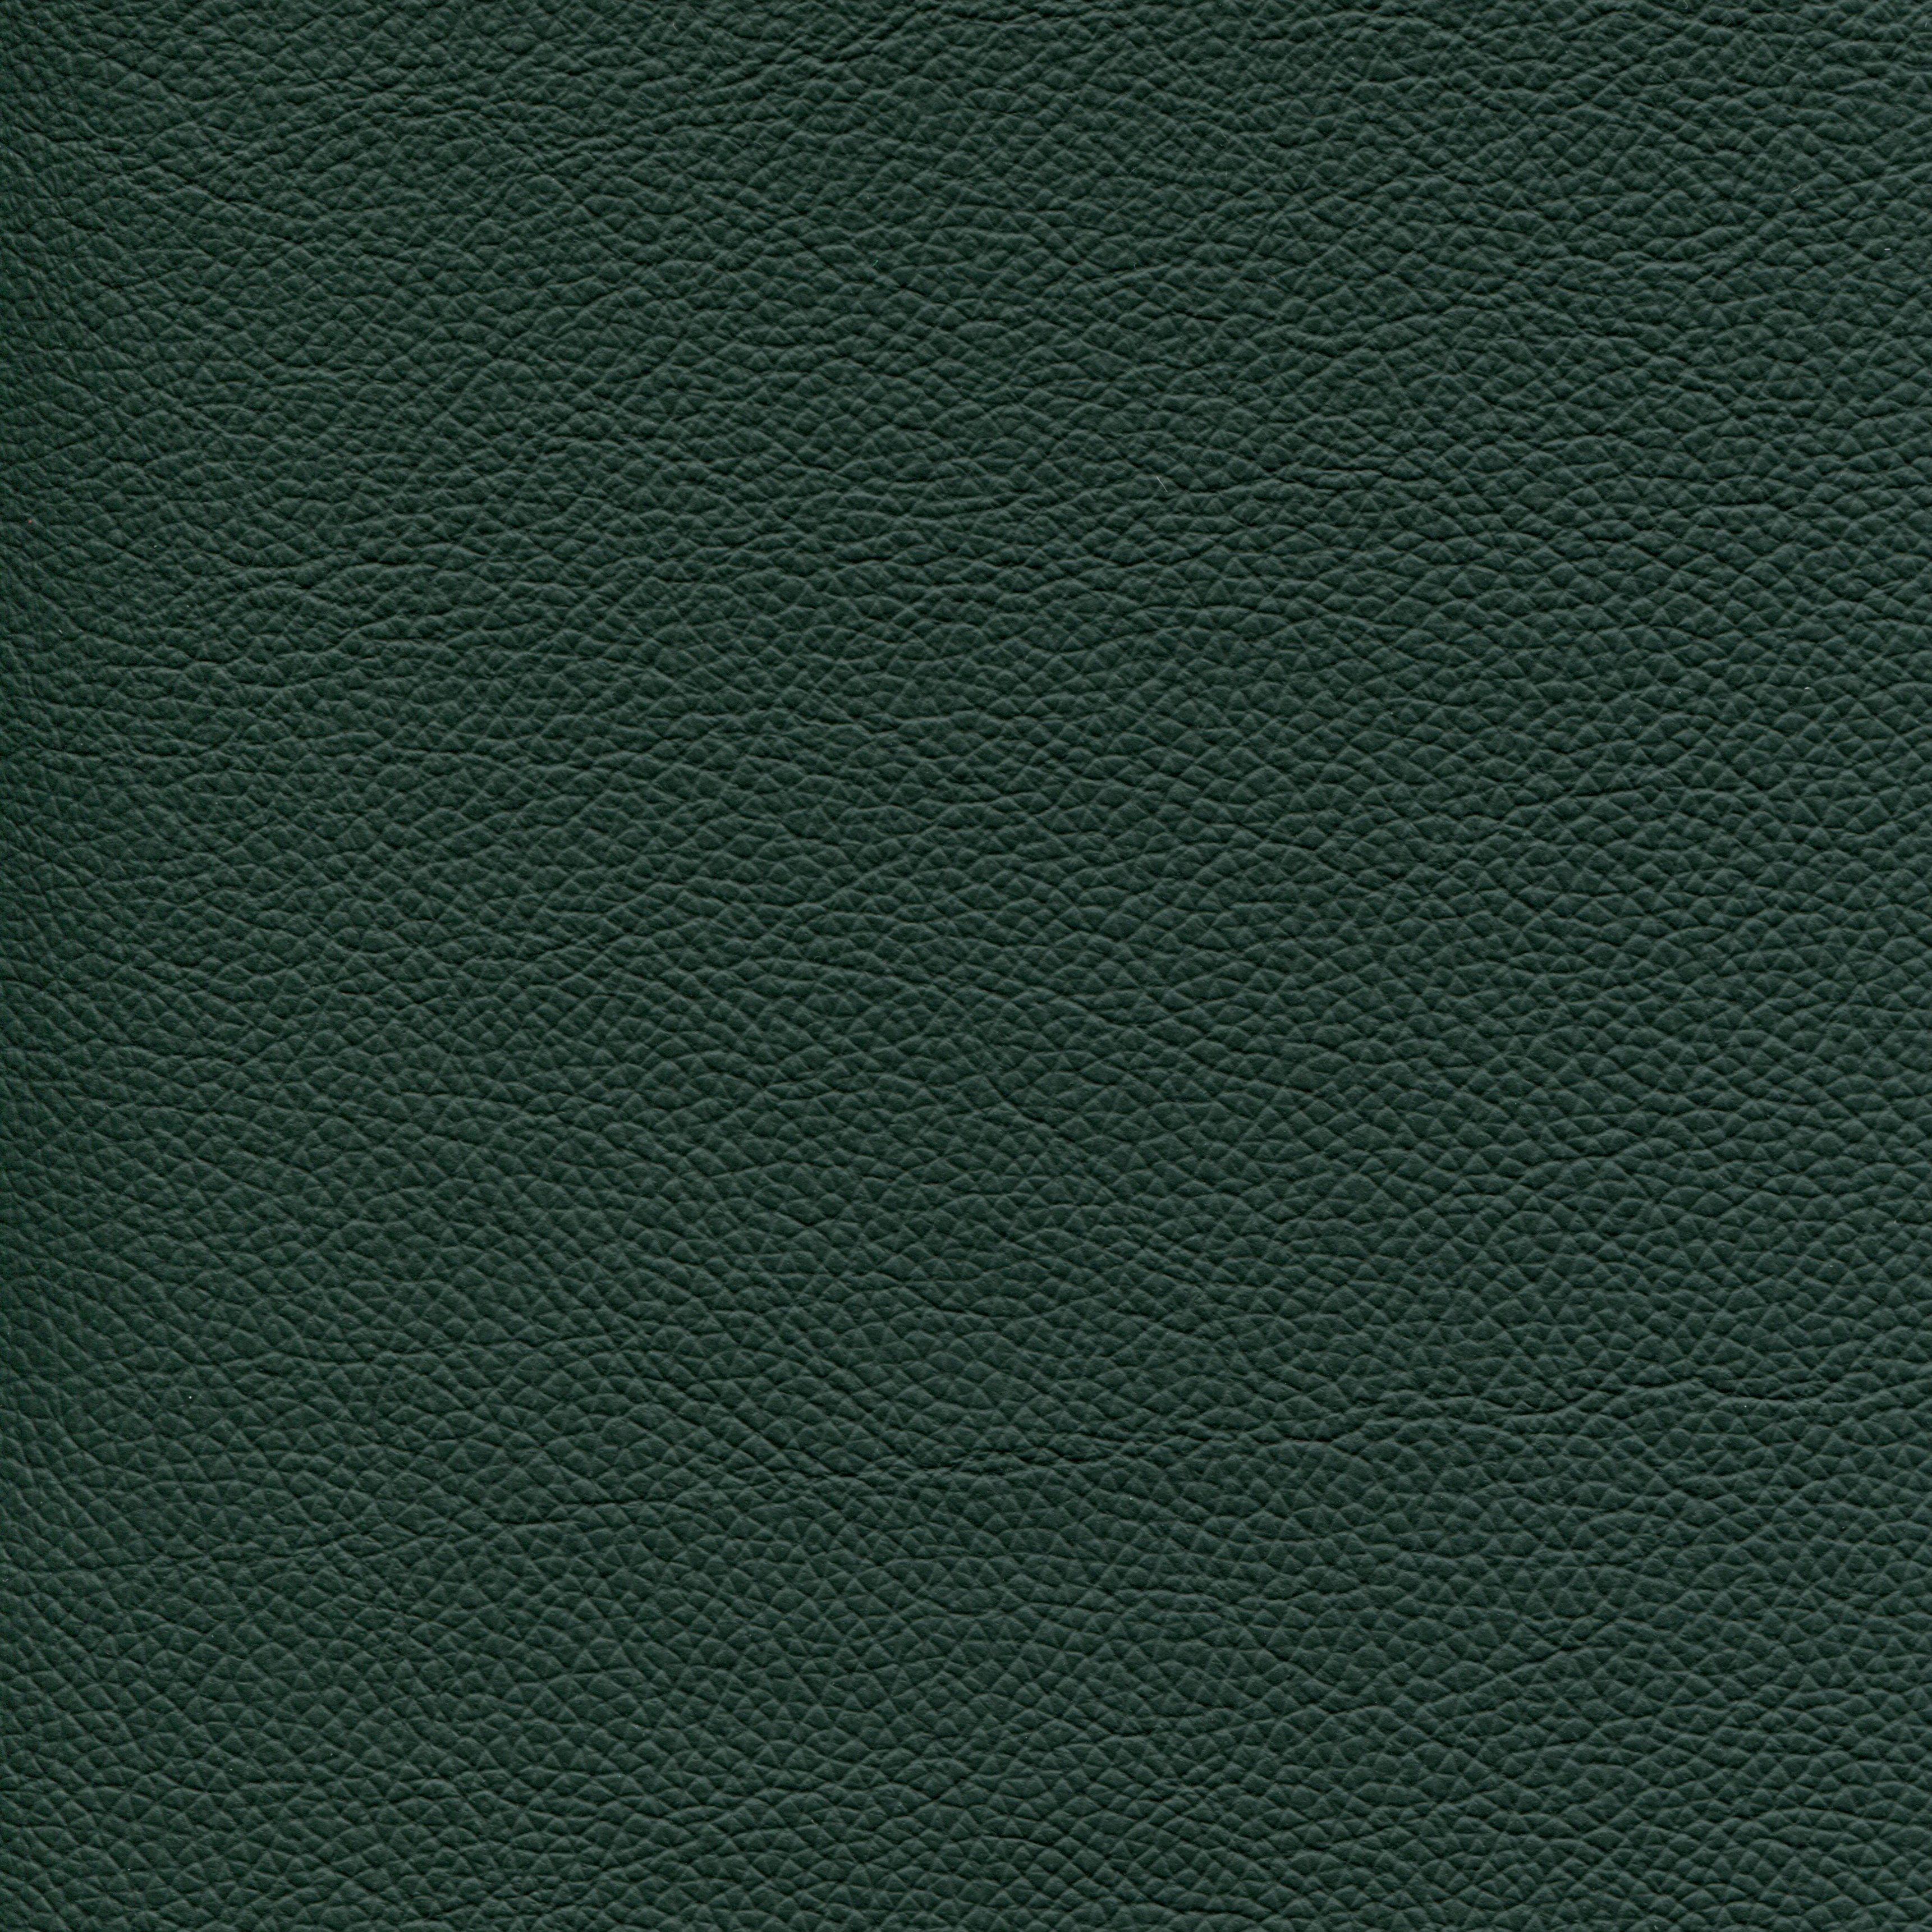 grün LE425